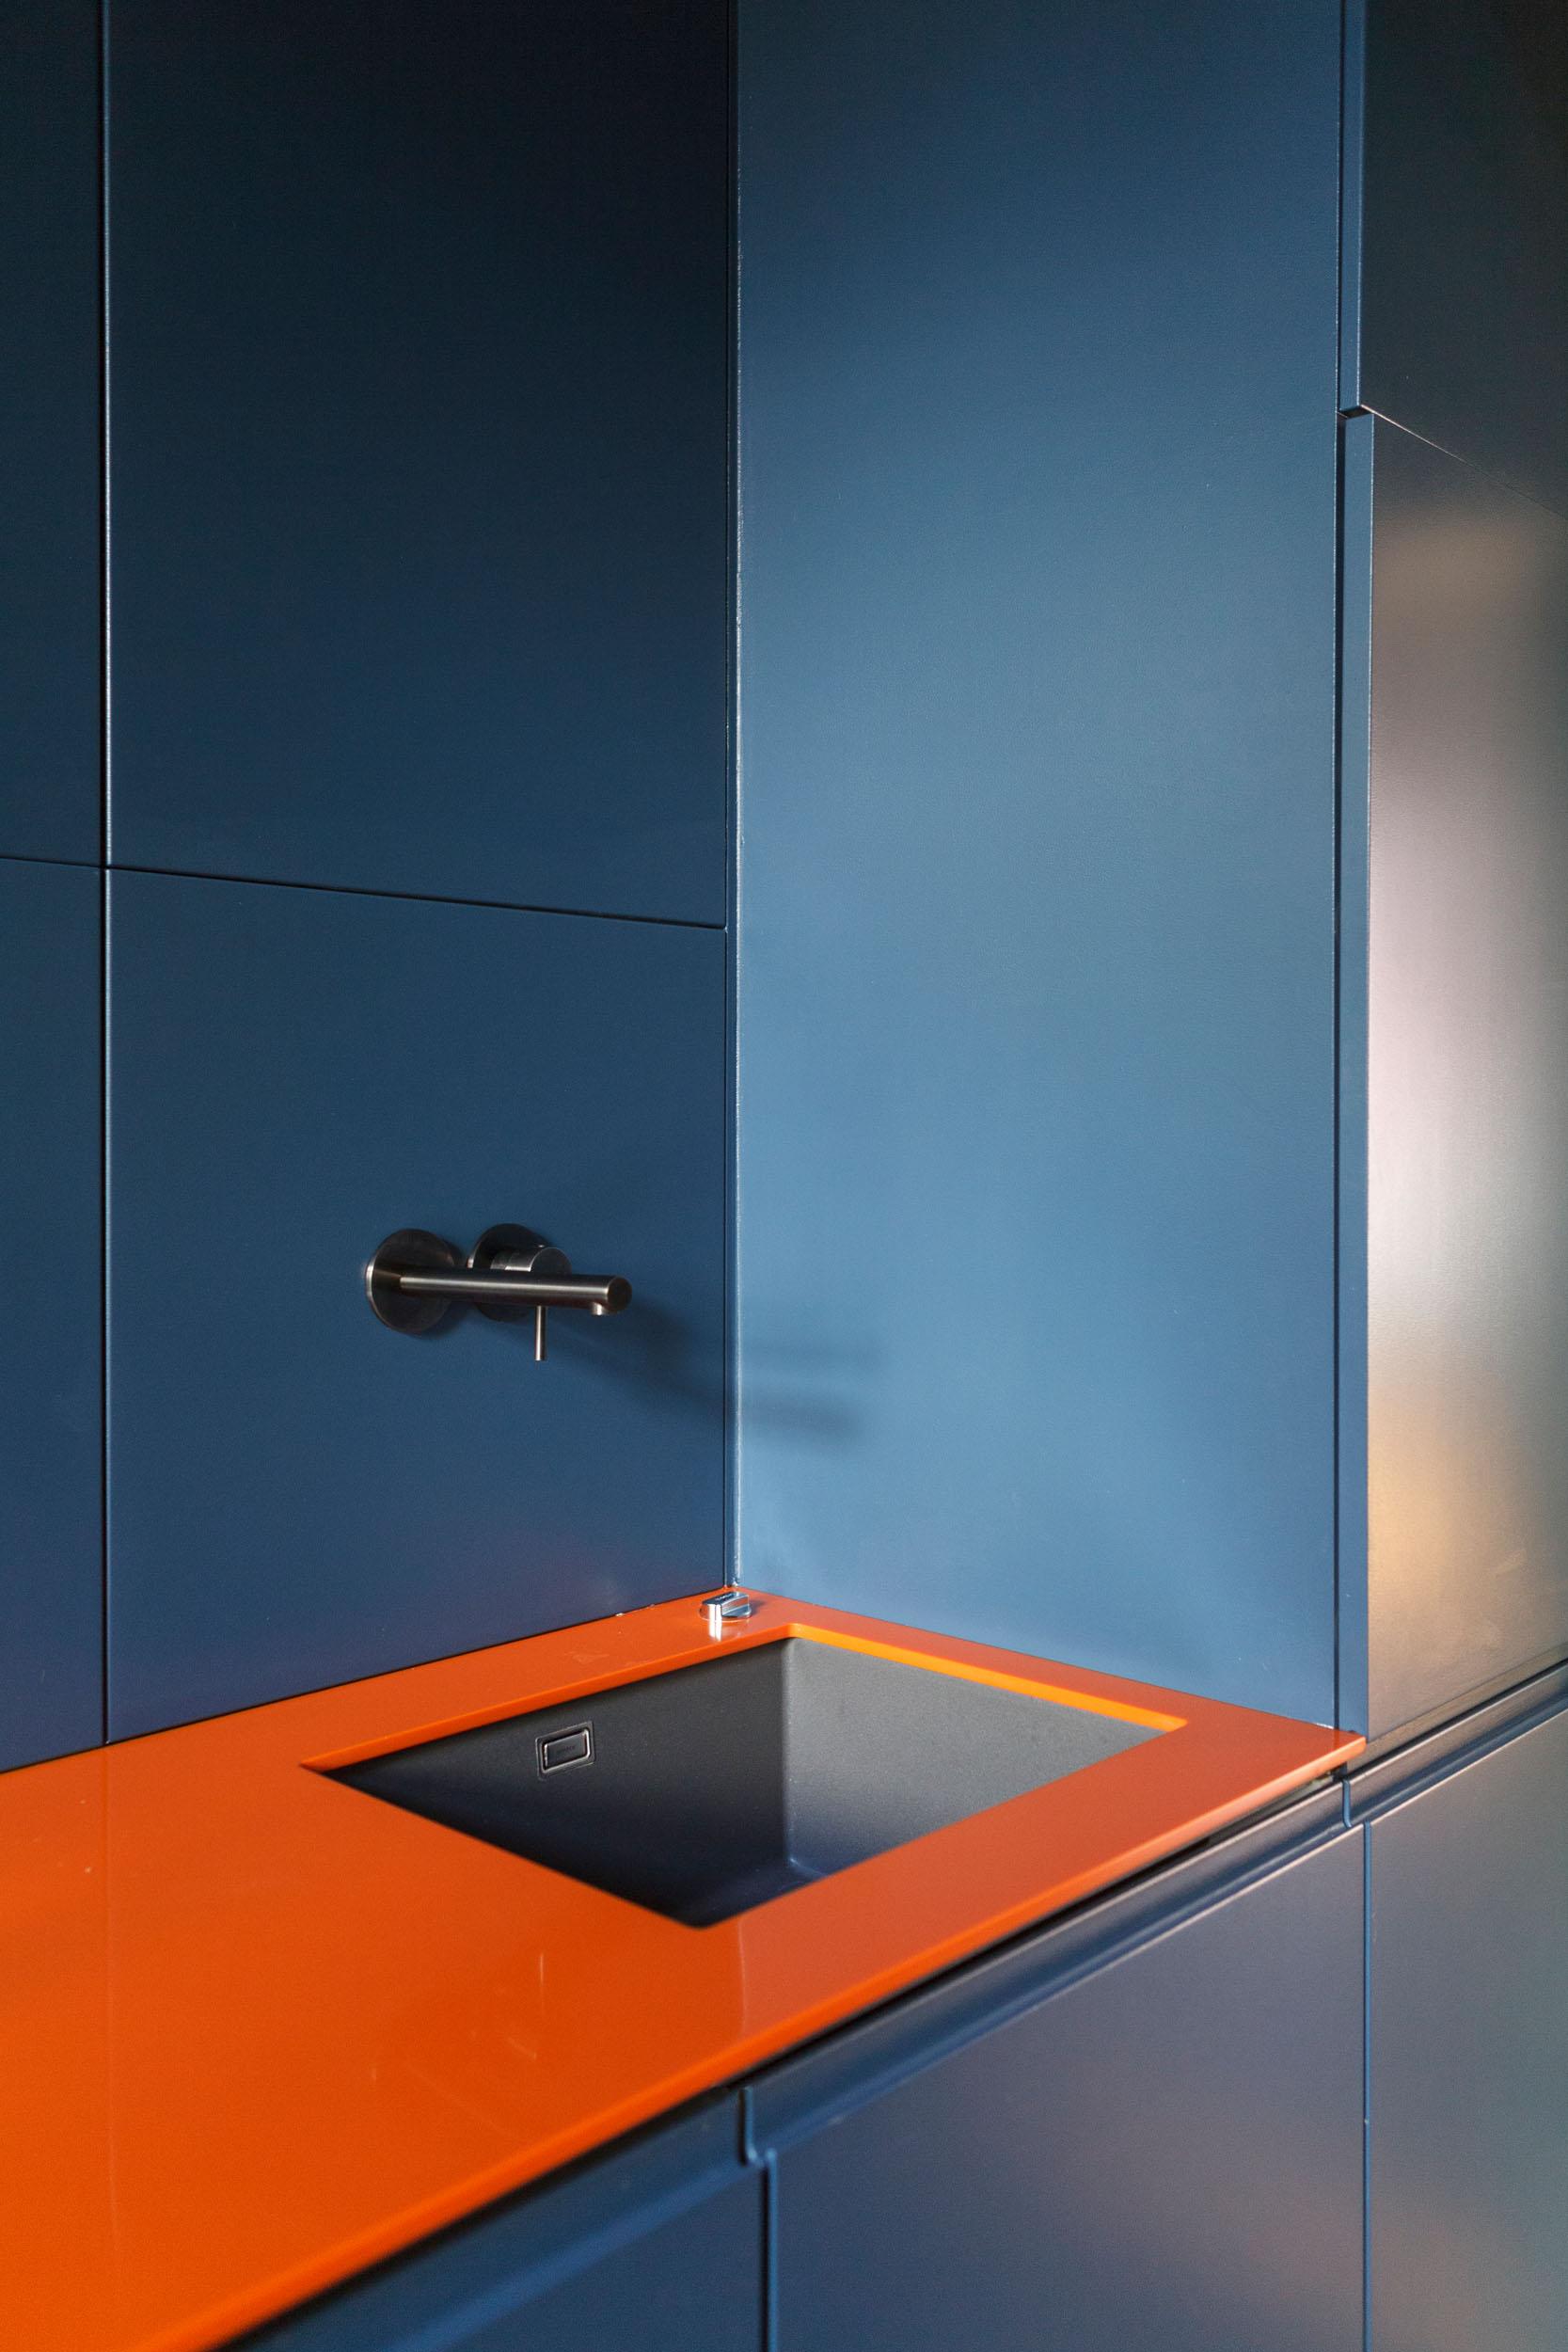 Kitchen-HP-STUDIOOINK-72DPI-9858.jpg